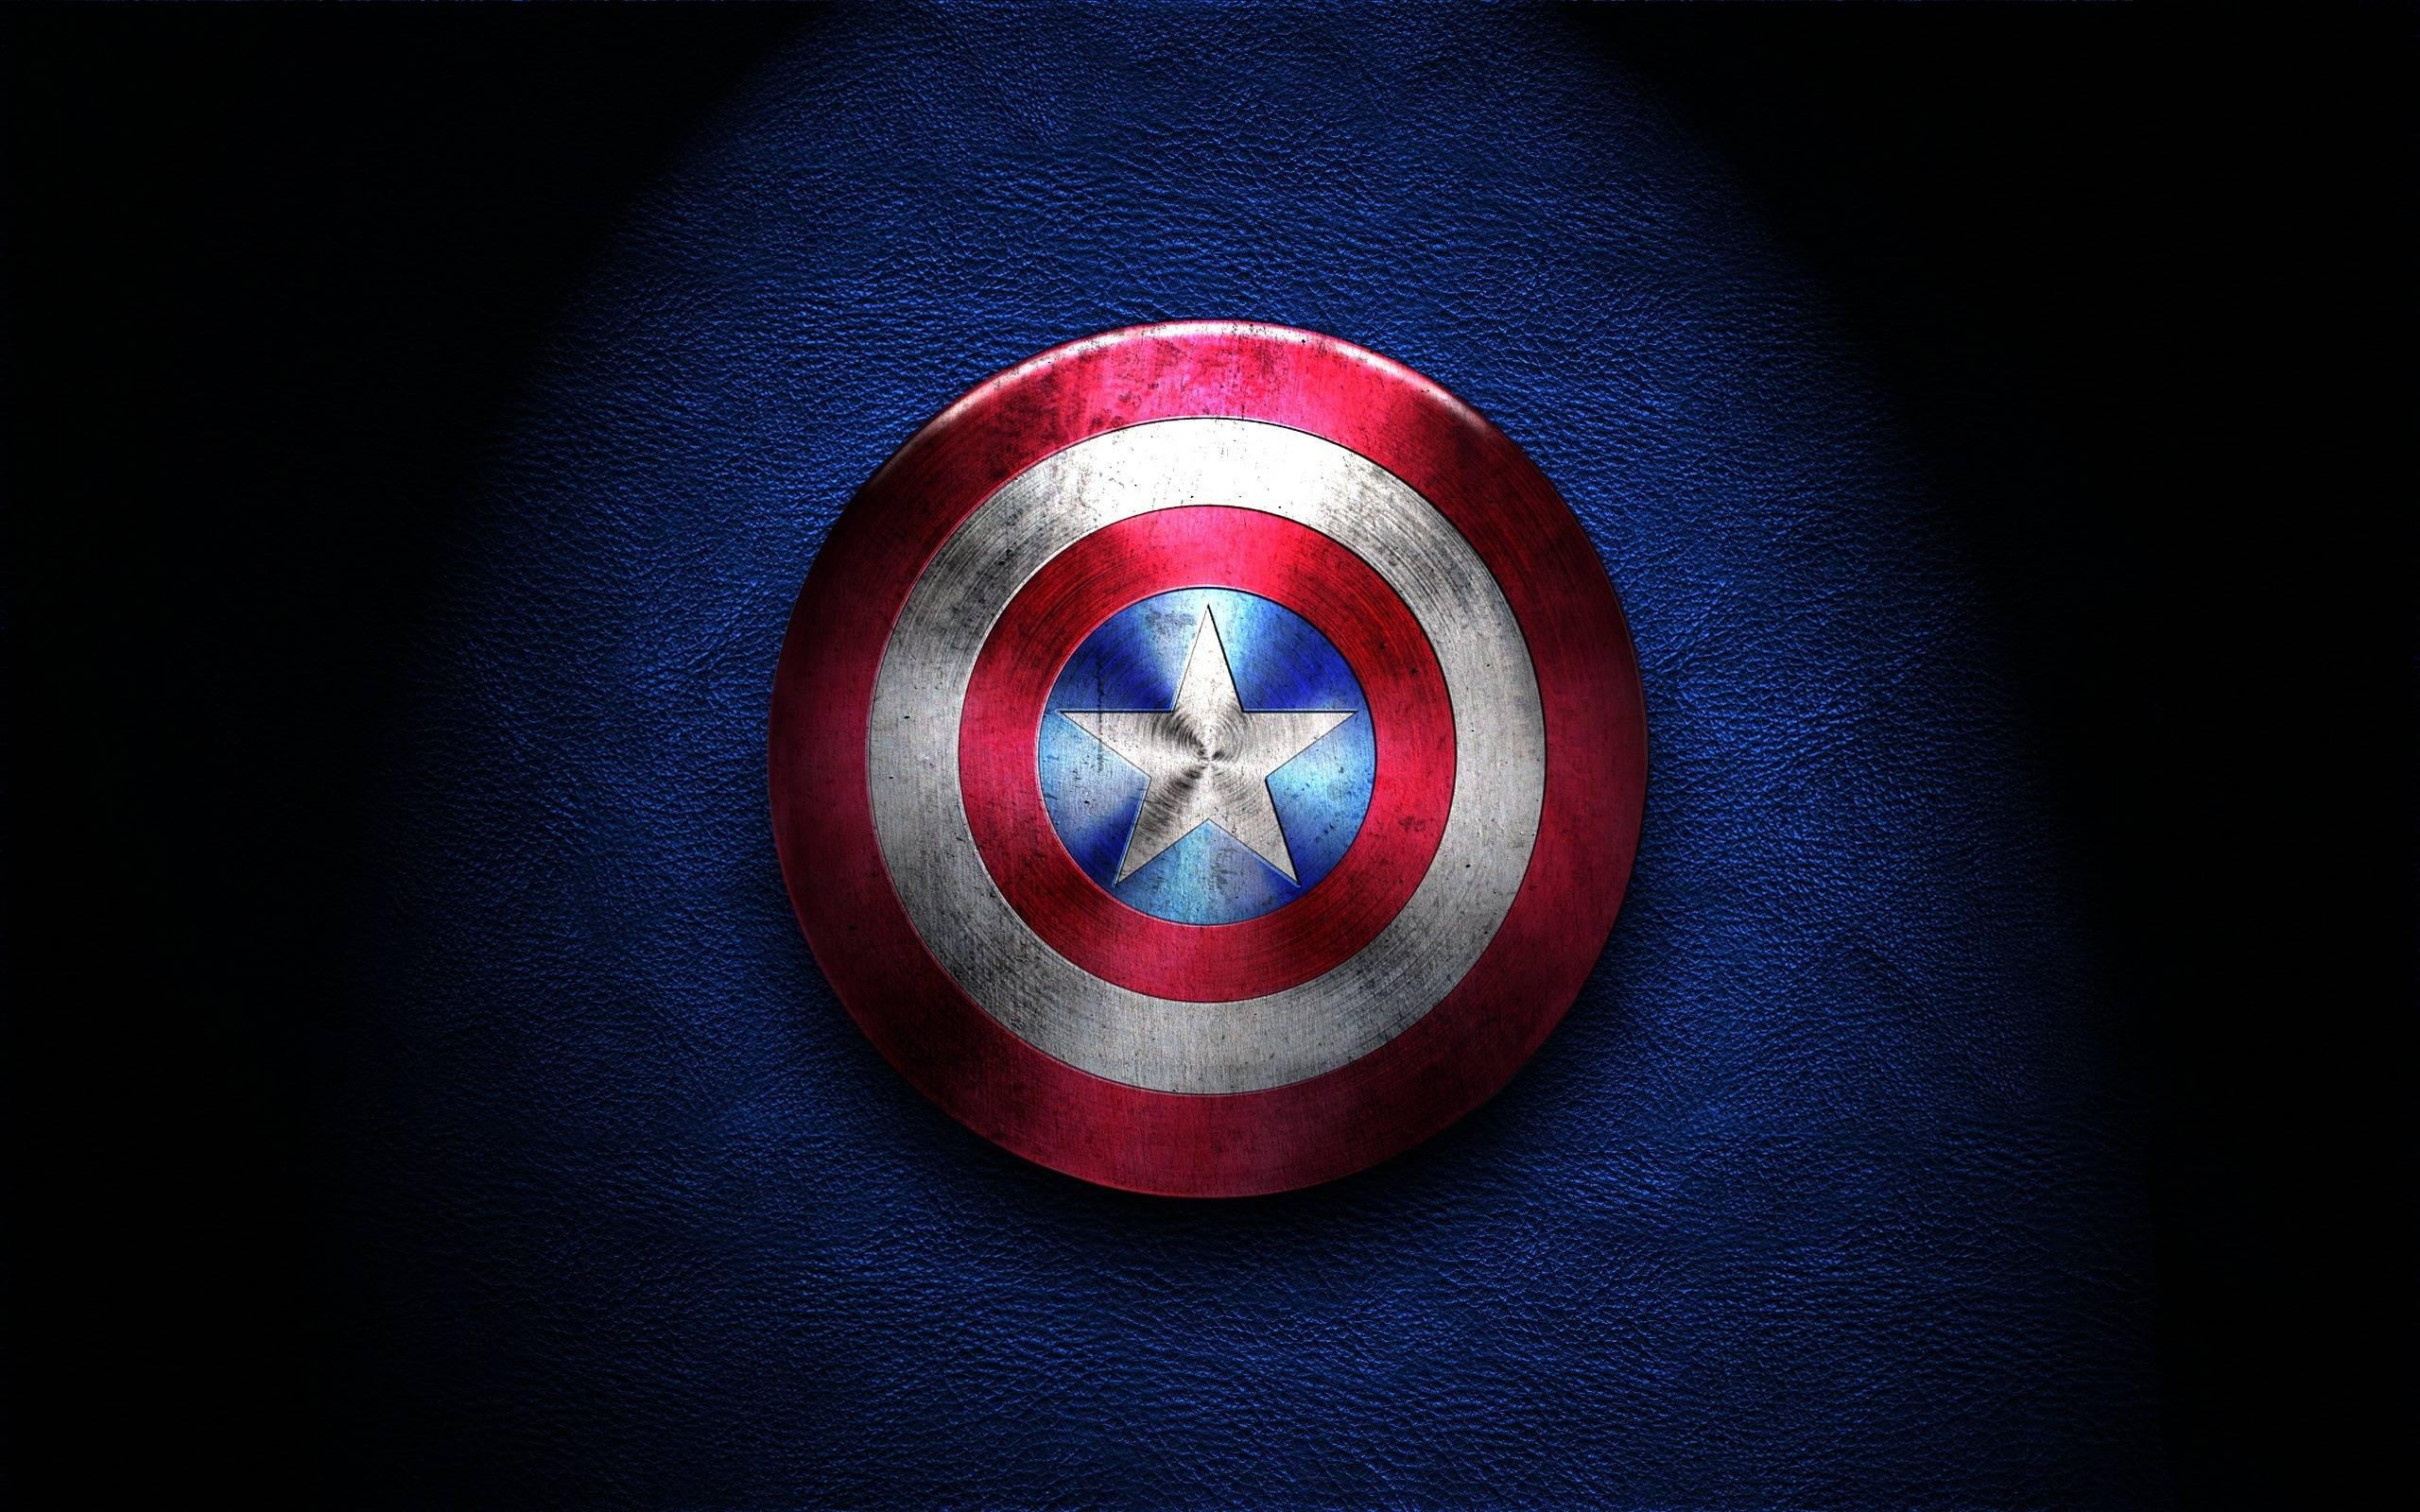 Hình nền biểu tượng siêu anh hùng 2560x1600